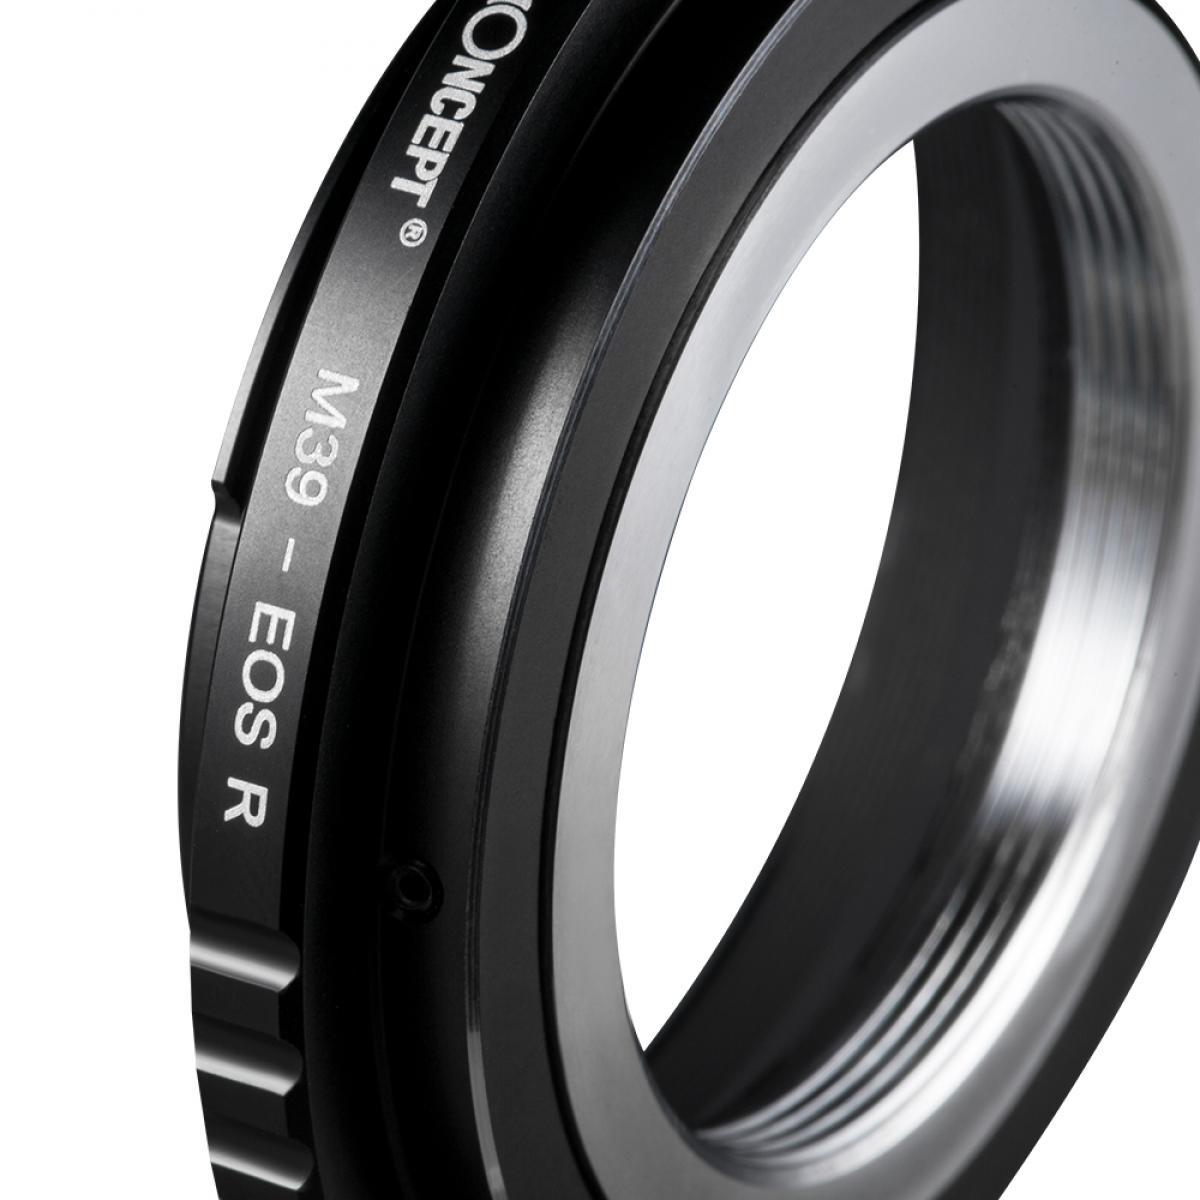 Adattatore per Obiettivi M39 a Fotocamere Canon EOS R